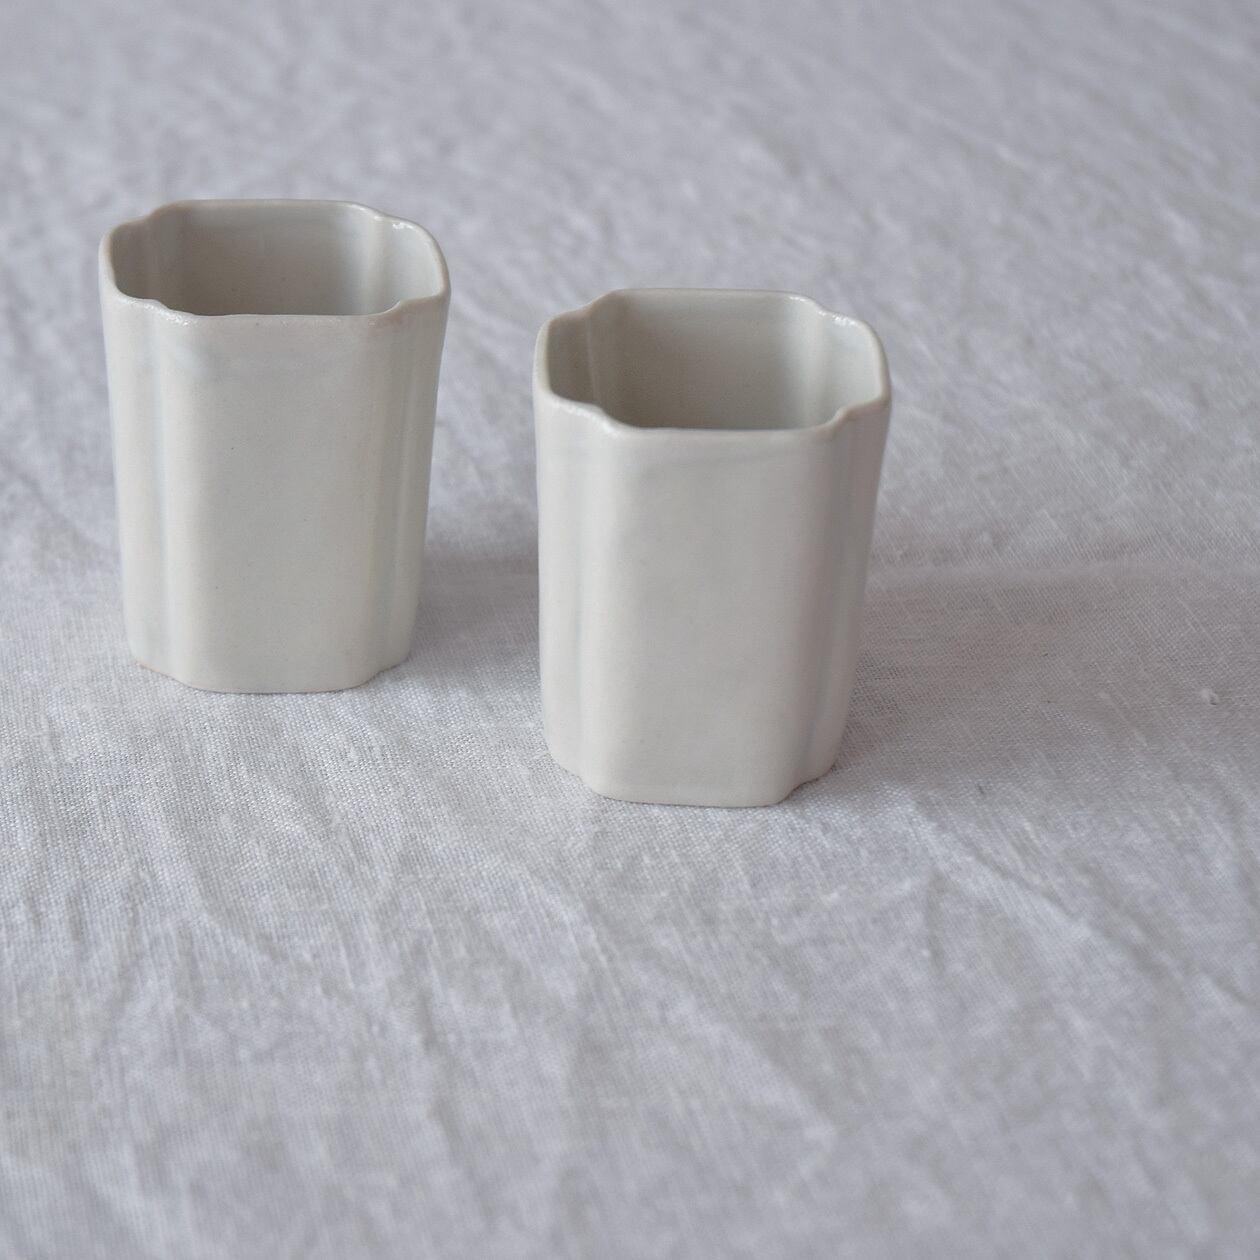 三浦ナオコ Naoko Miura 隅切り筒杯